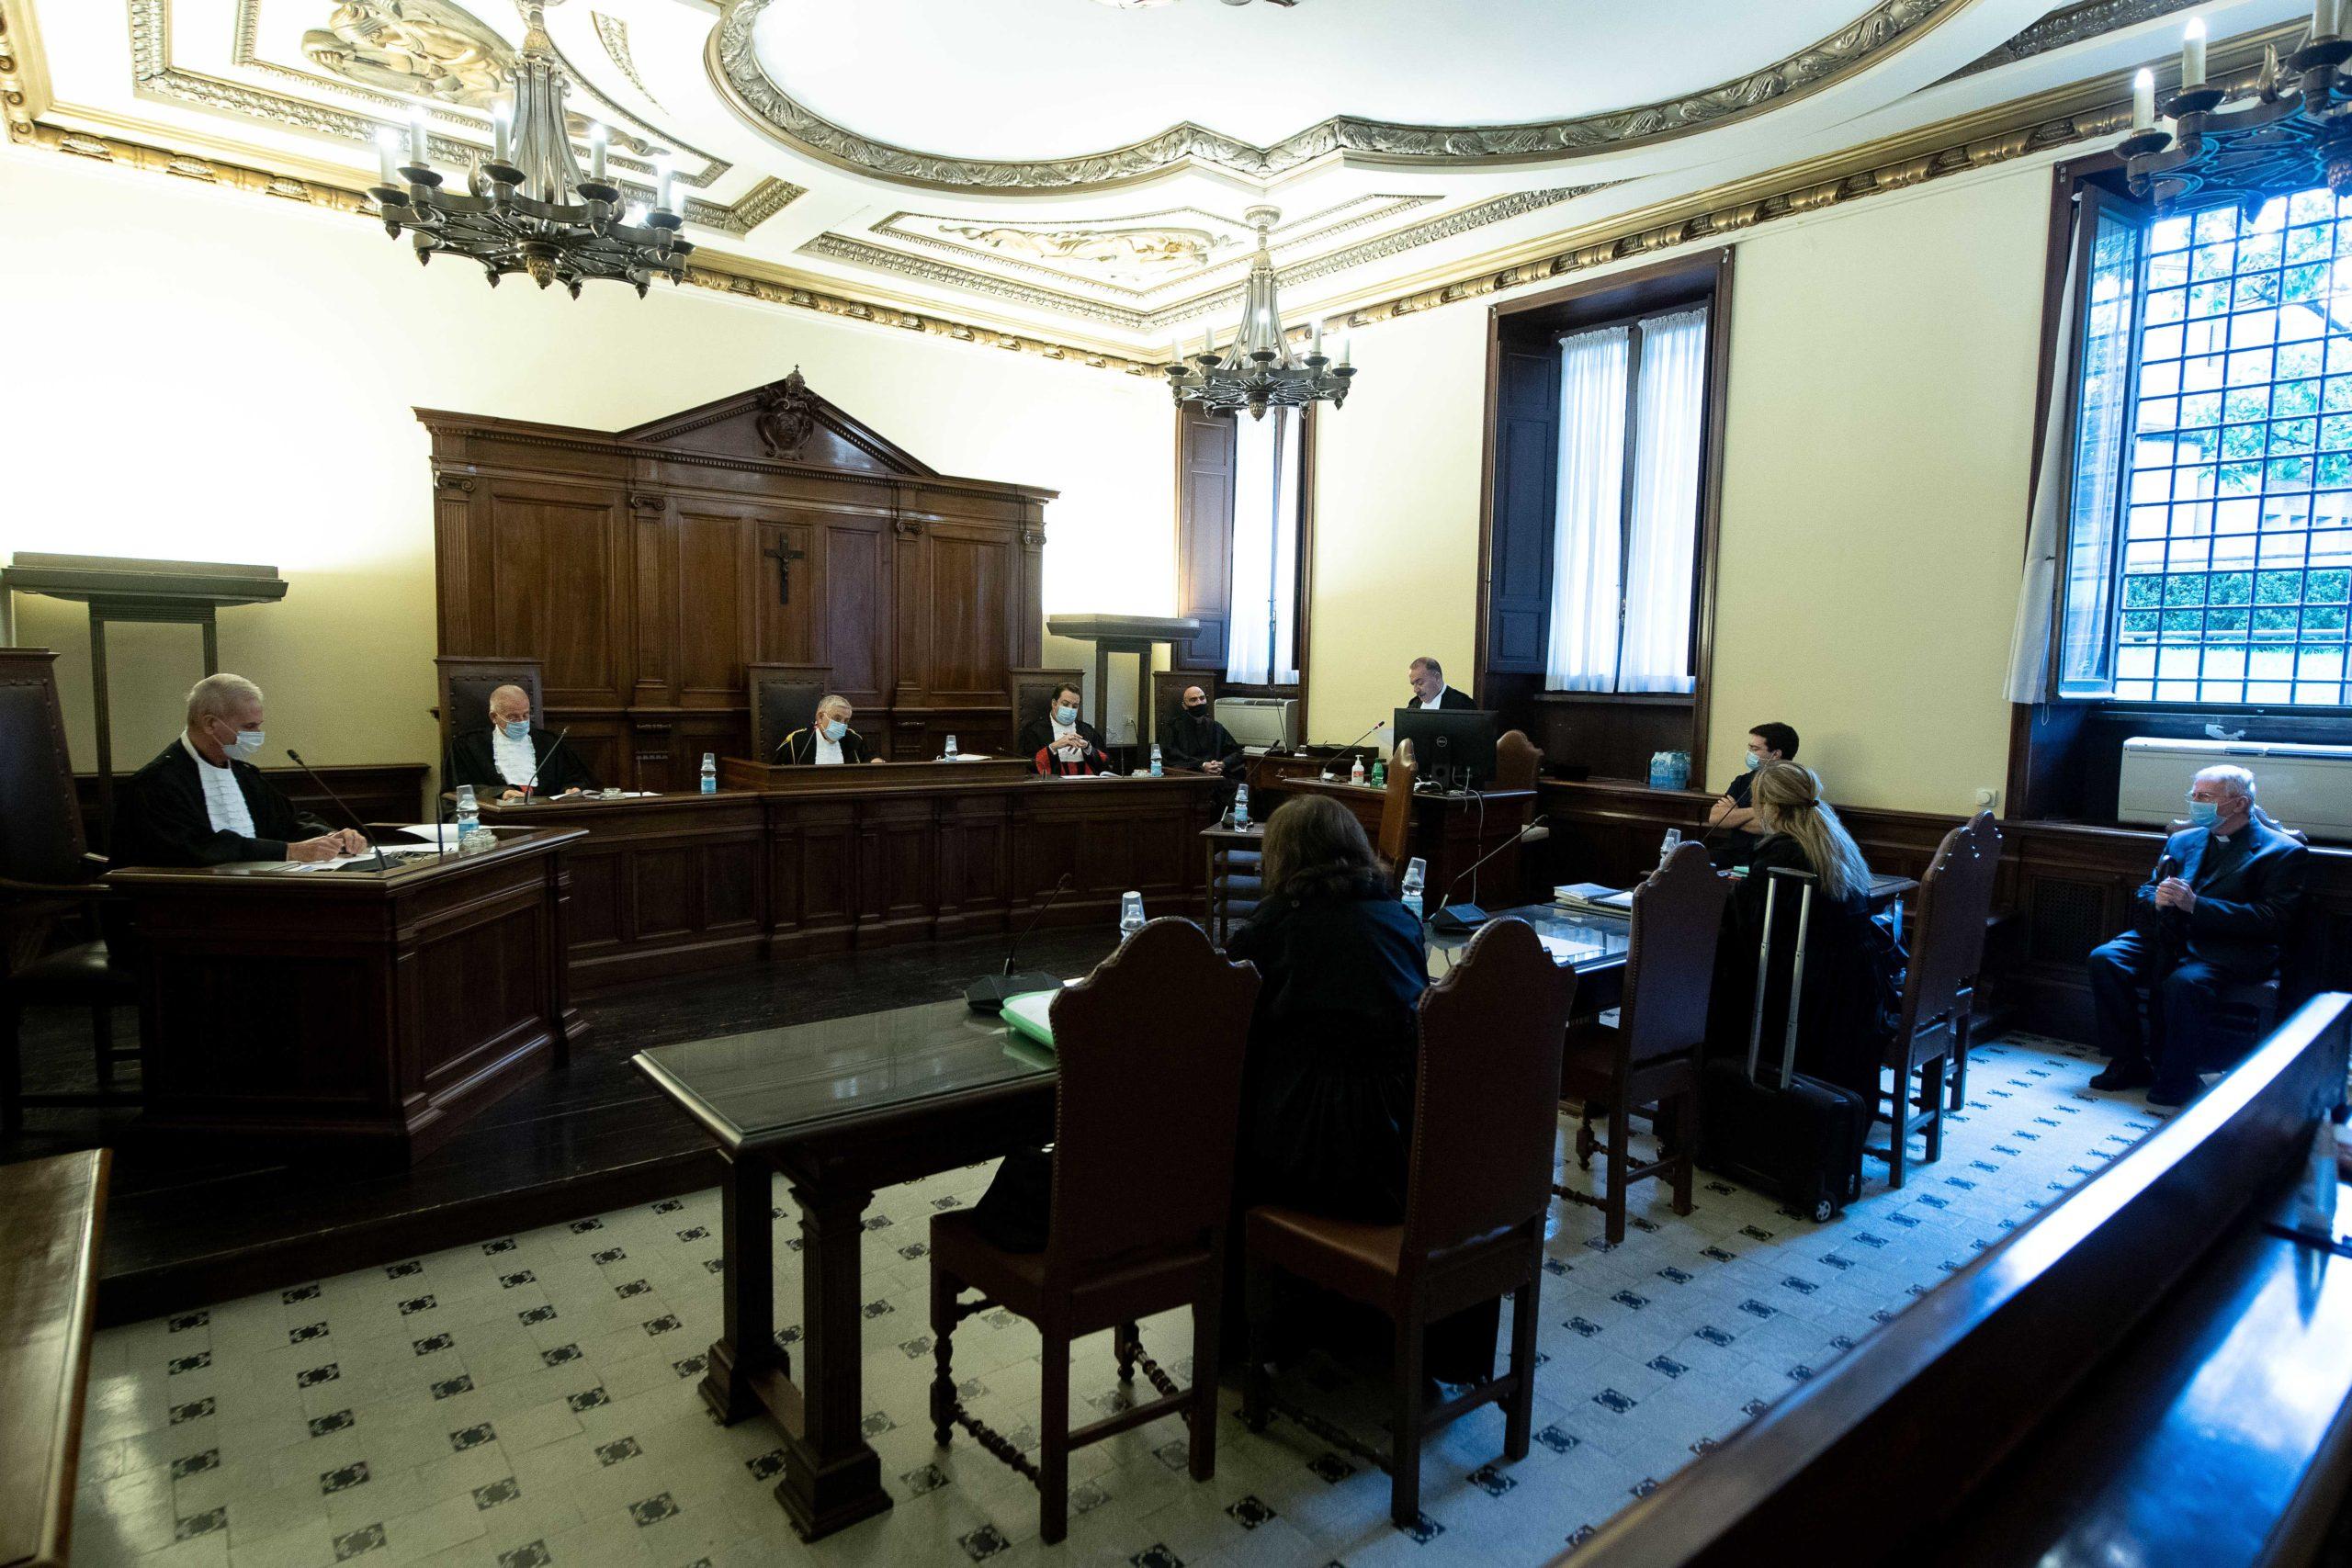 Vaticano: Proceso judicial sobre supuestos abusos en el preseminario San PioX